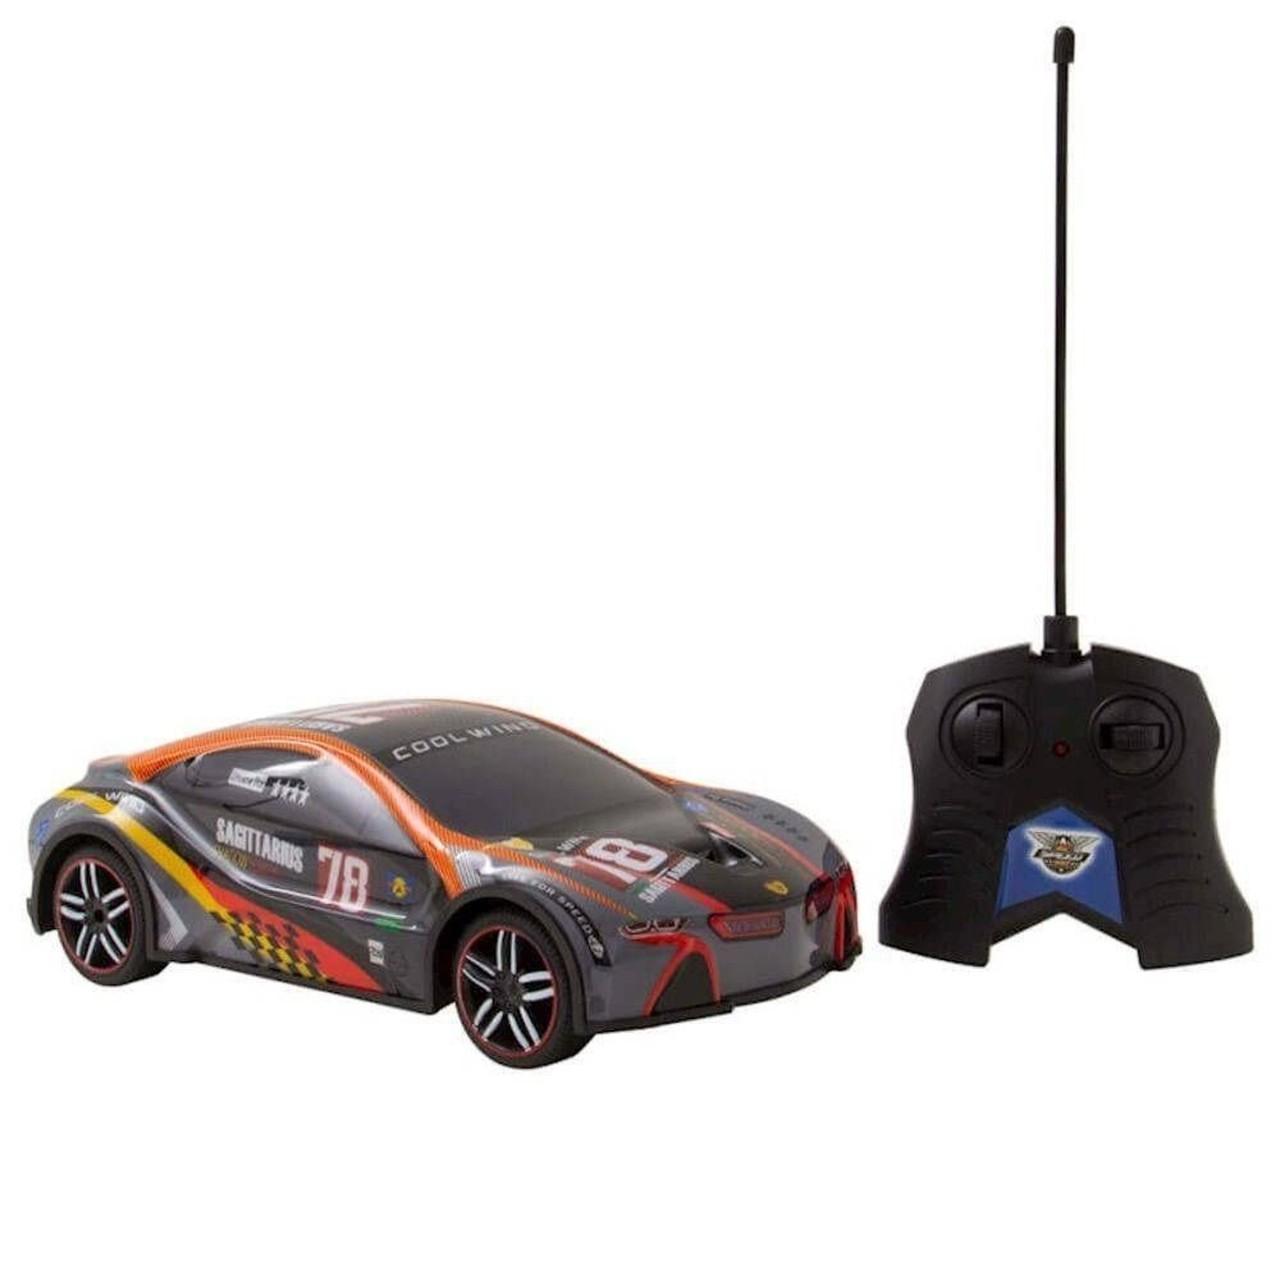 Carrinho Controle Remoto Recarregável Speed Car 30cm - Cks